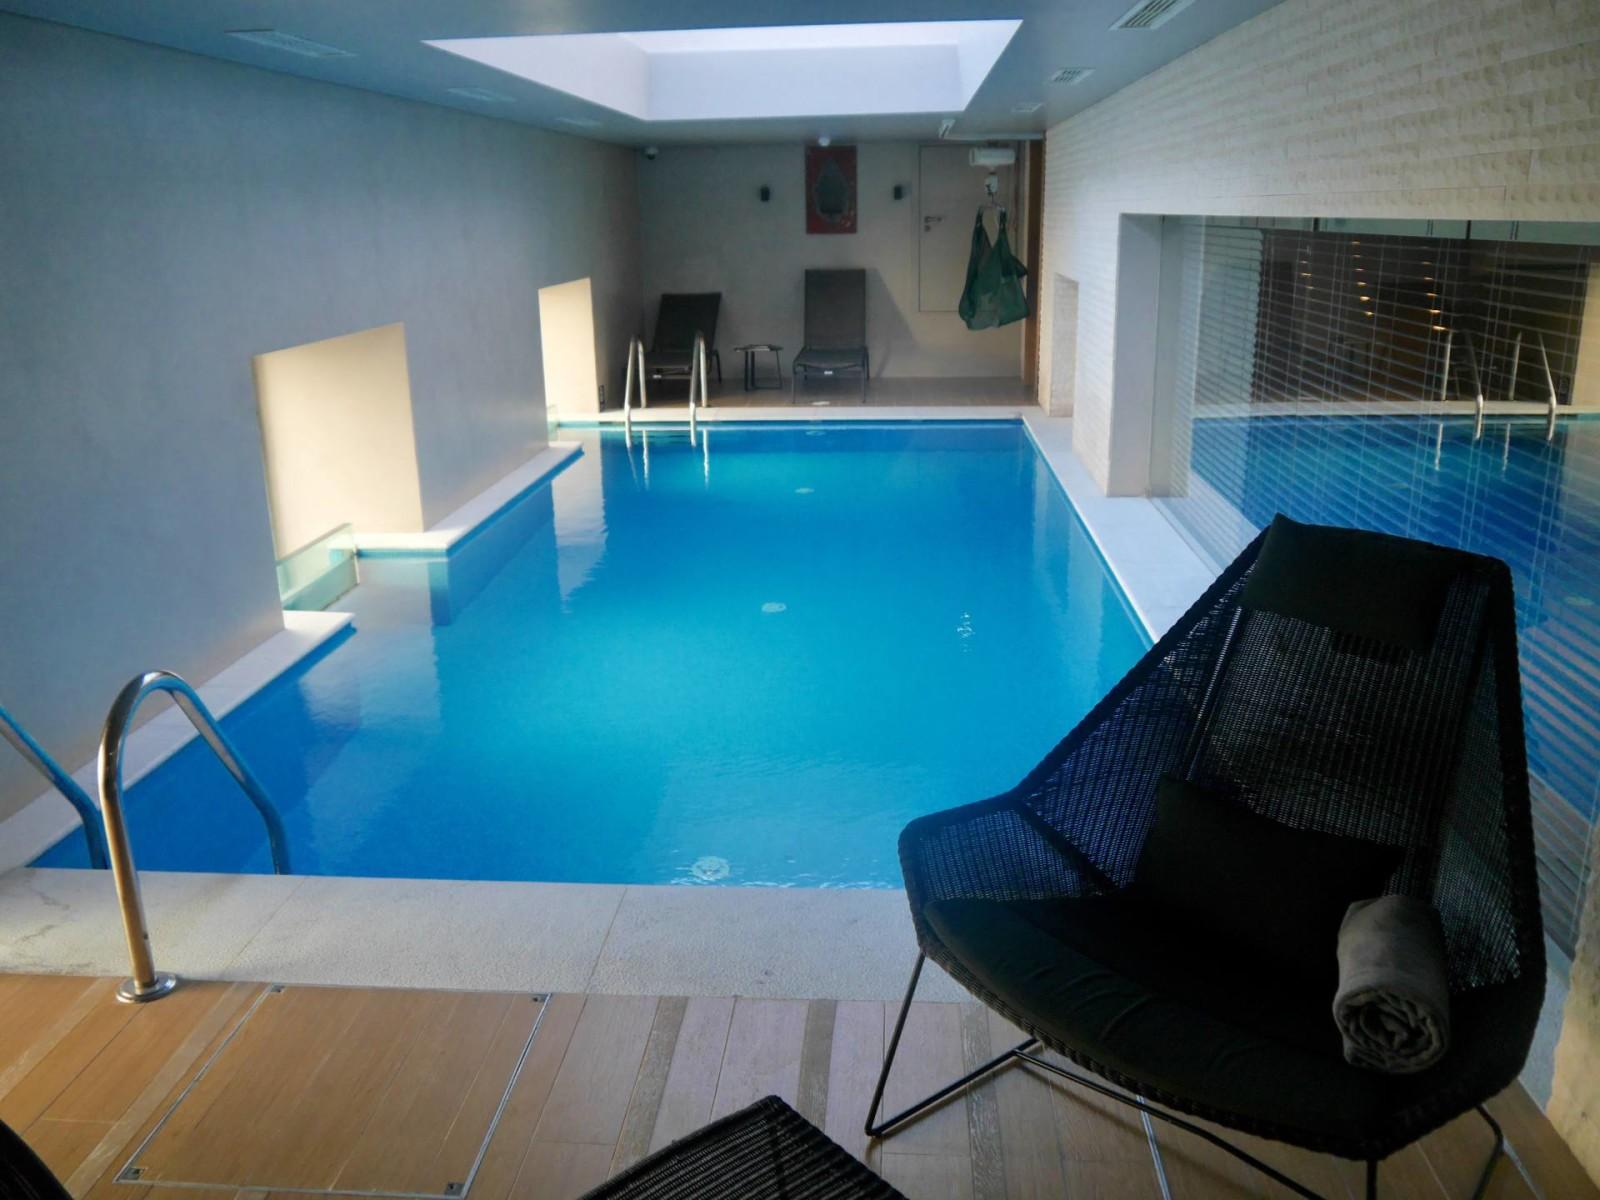 pousada-de-lisboa-lisbon-pool